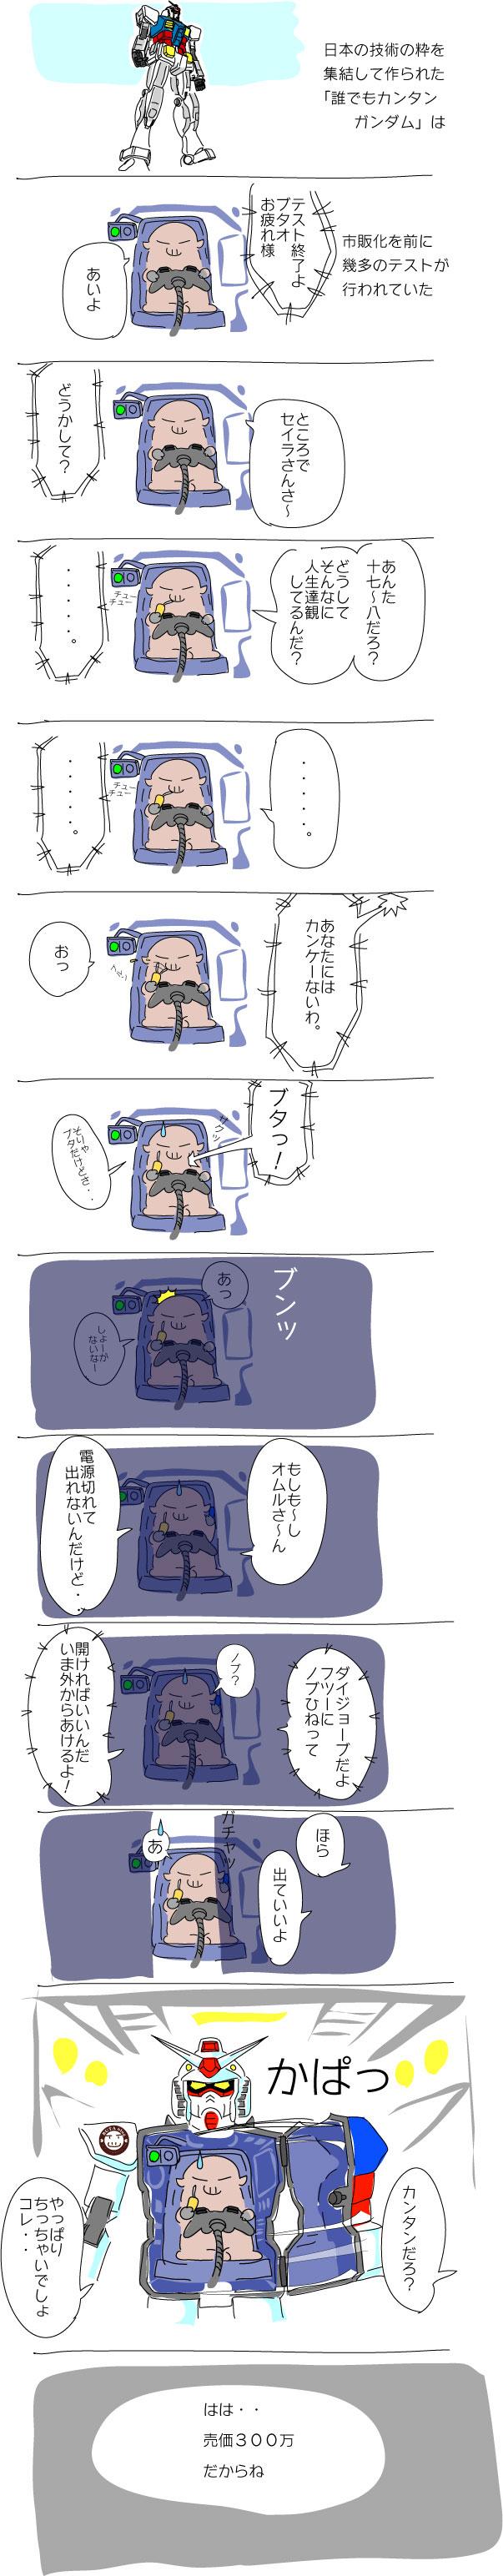 ガンダム2